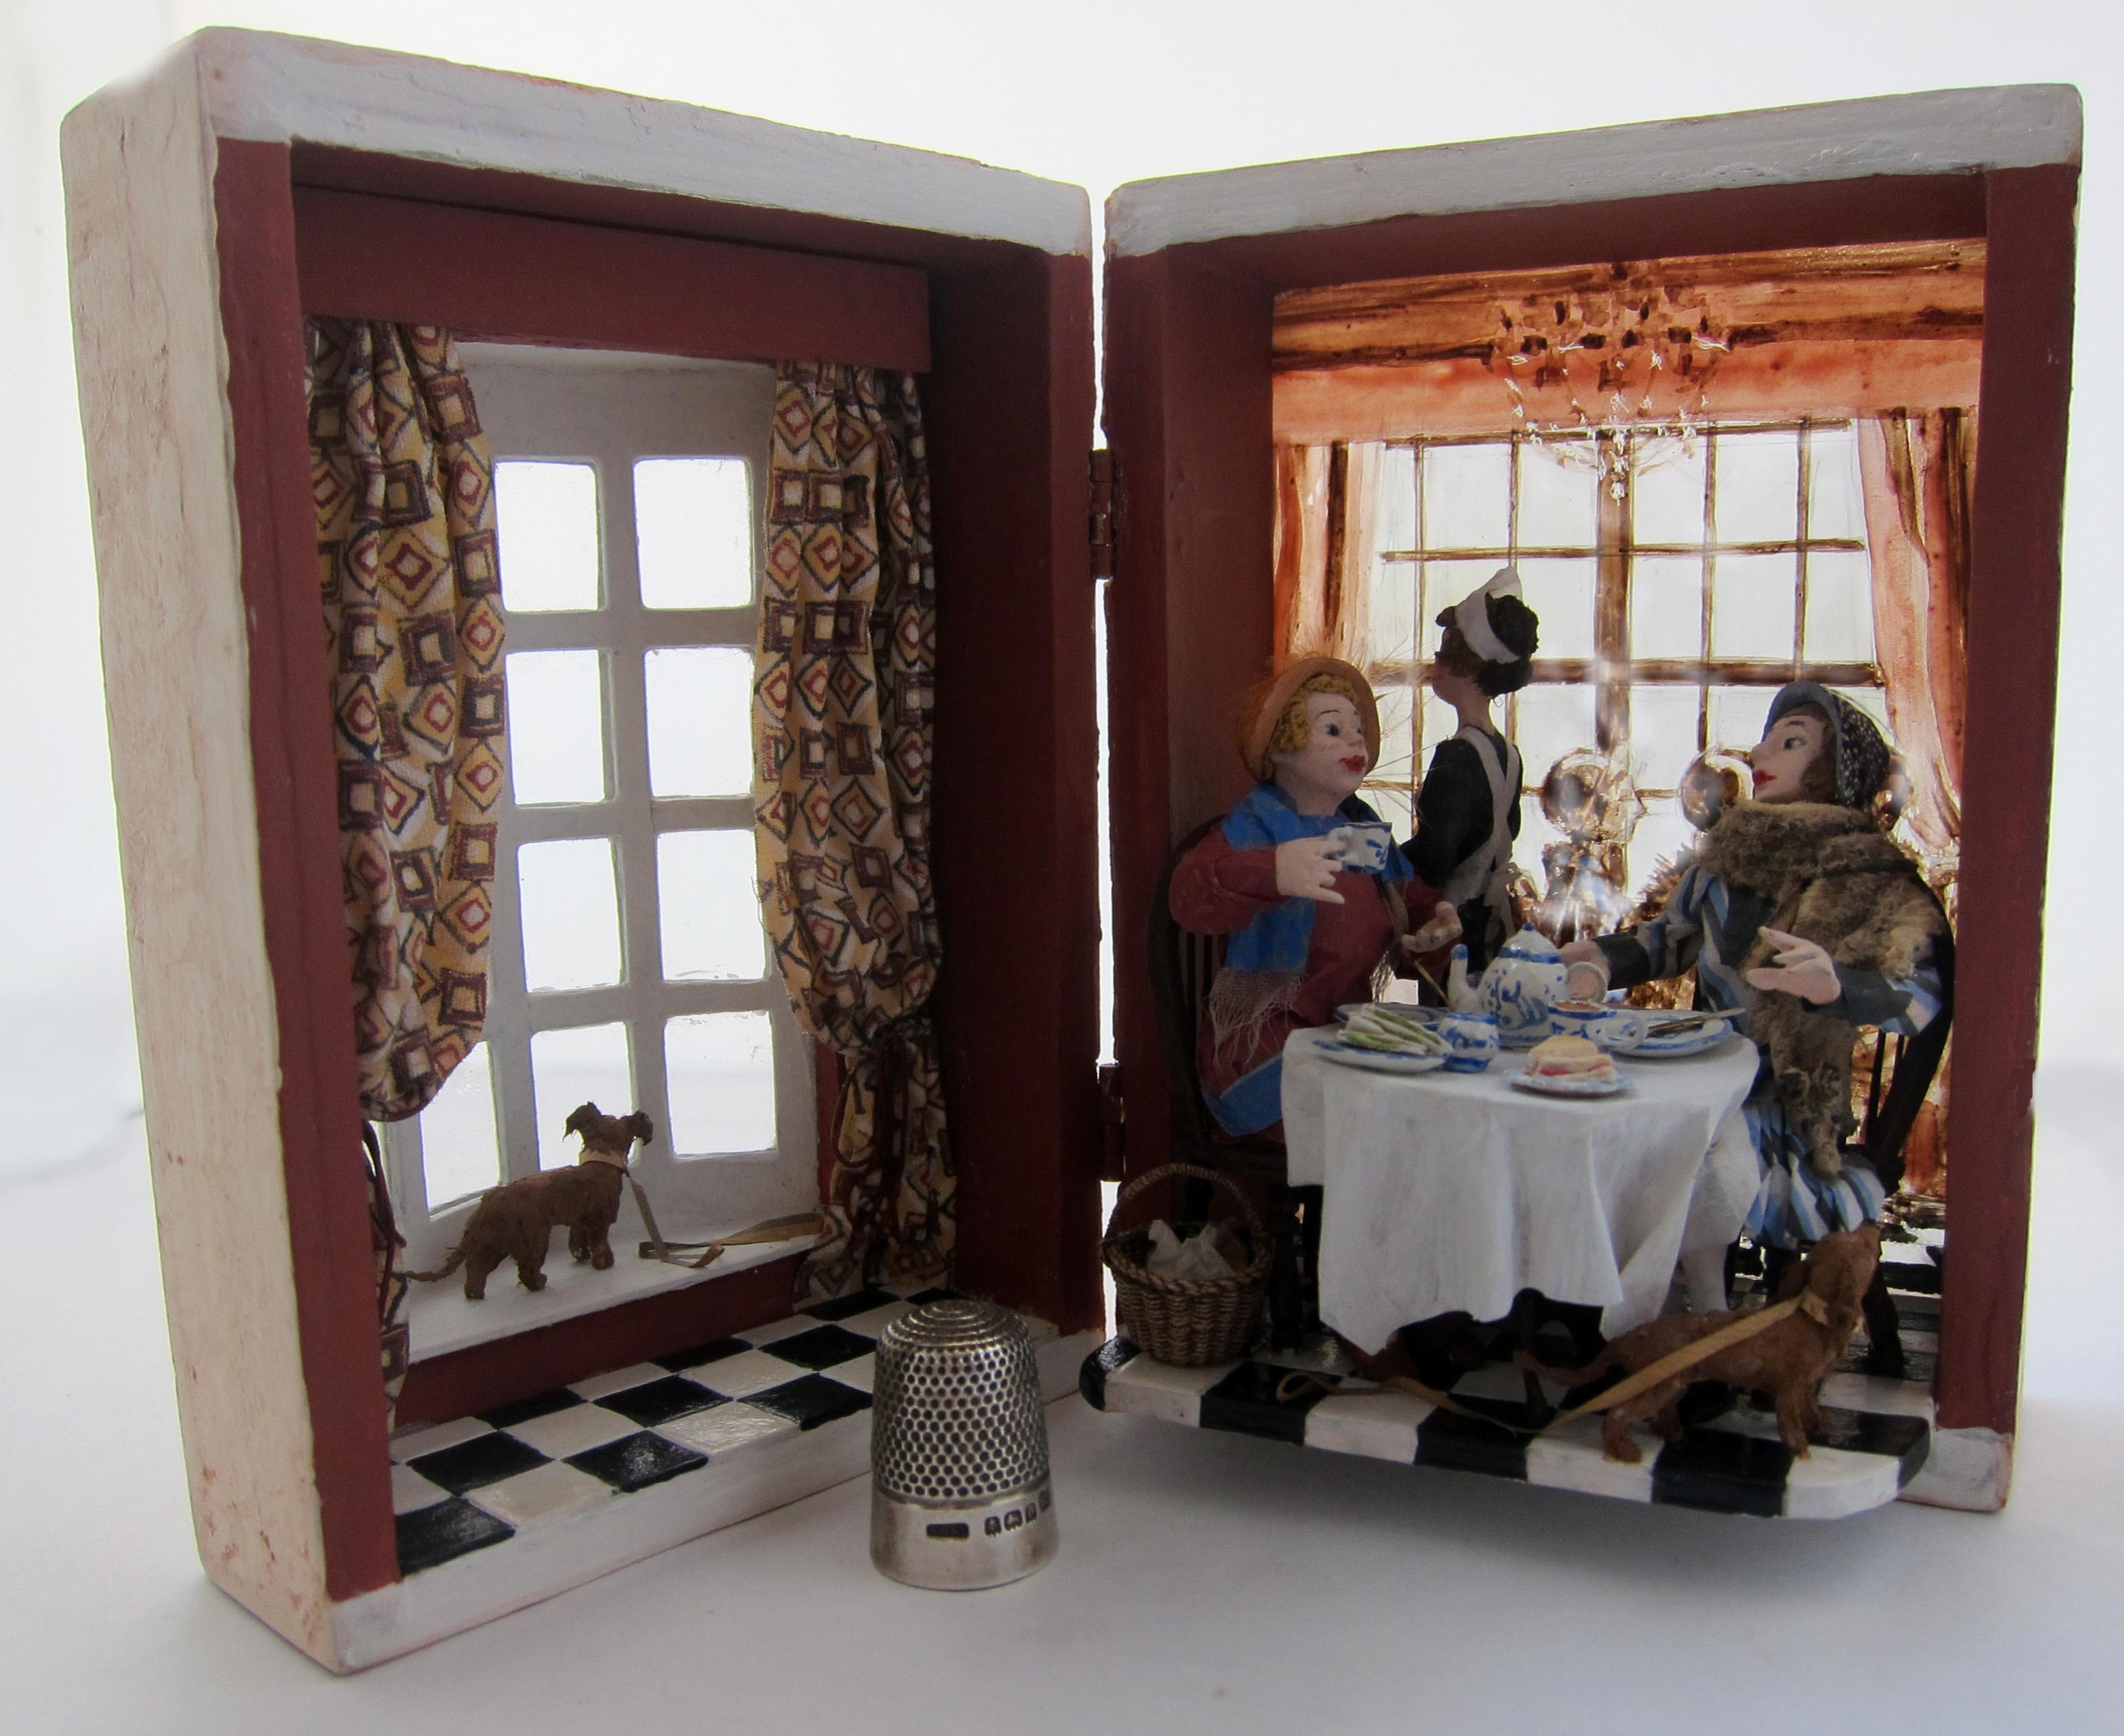 'Teatime'